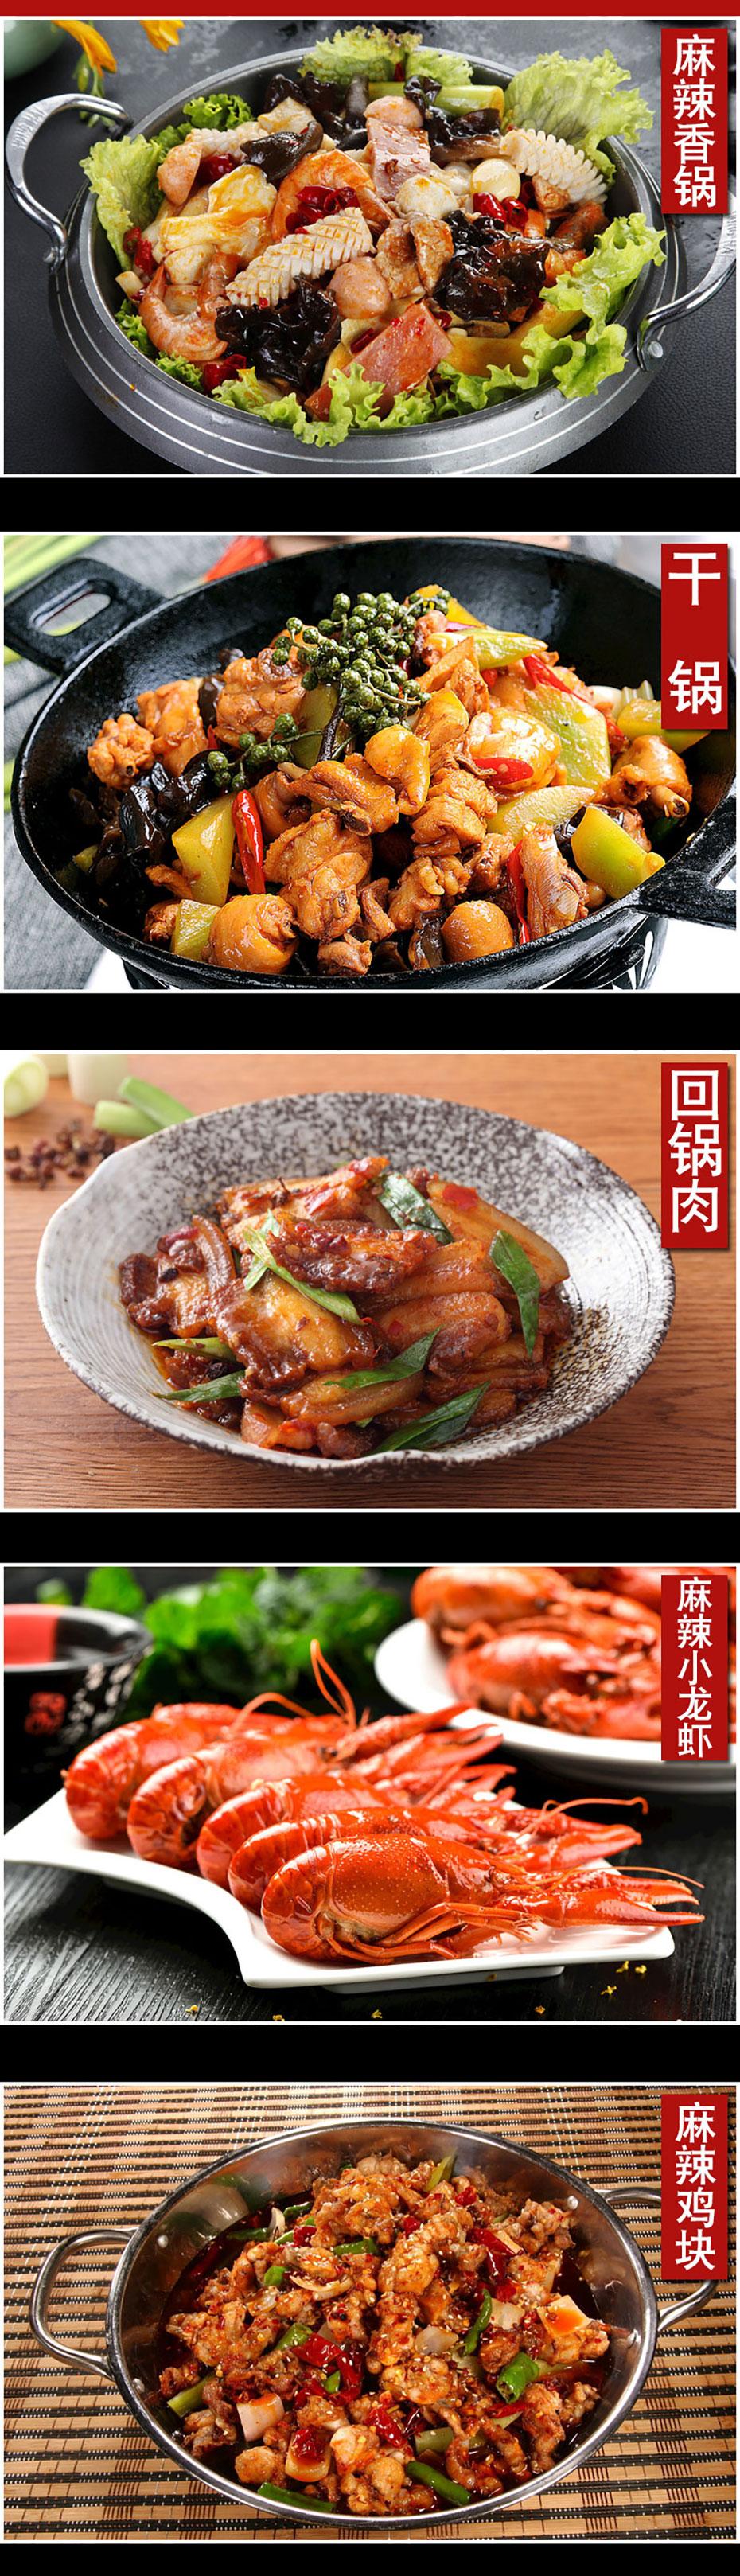 麻辣香锅1.5KG3